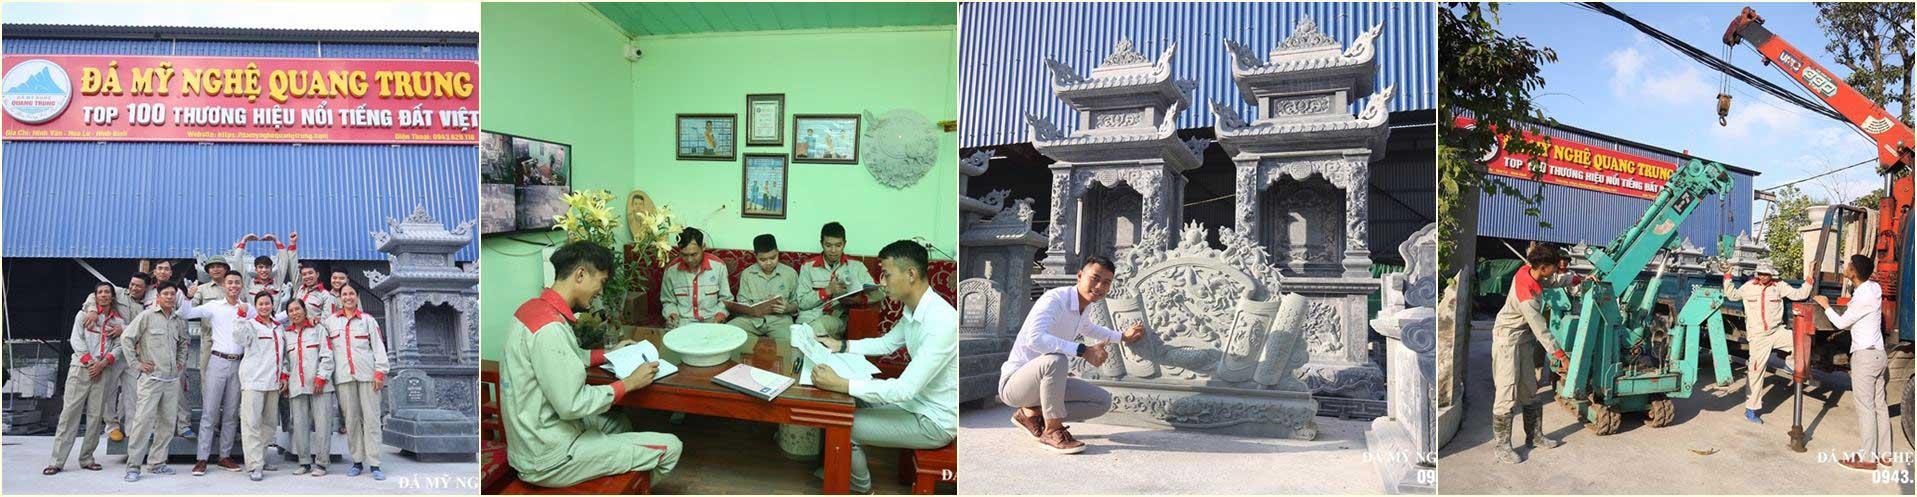 Đá Mỹ Nghệ Quang Trung Ninh Bình - Giá trị bền vững theo thời gian!